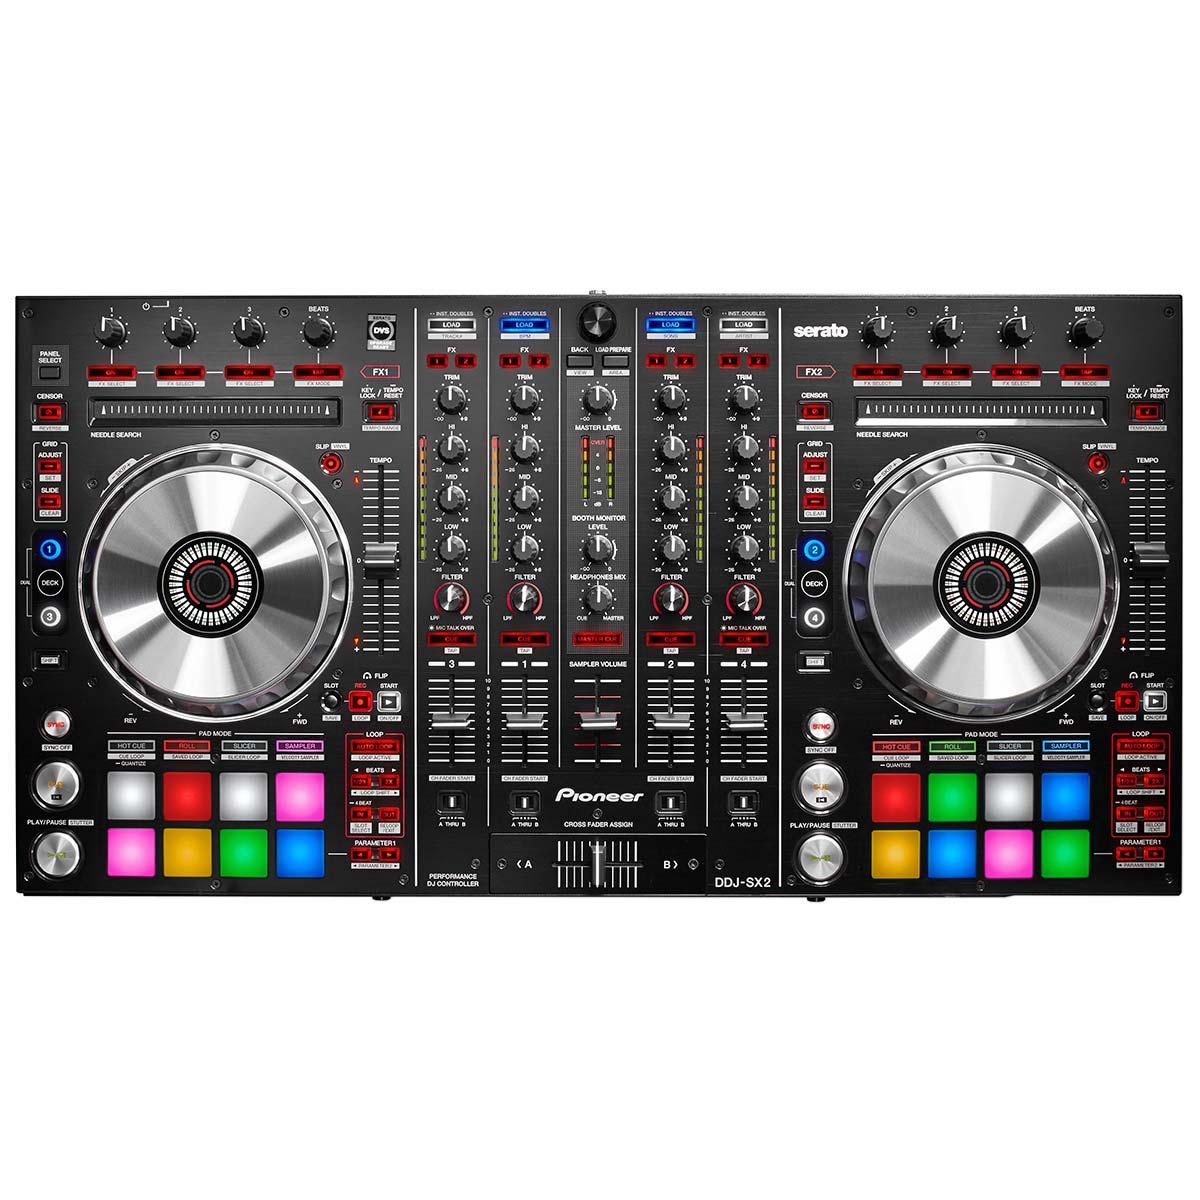 DDJSX2 - Controladora DJ c/ USB DDJ SX 2 - Pioneer